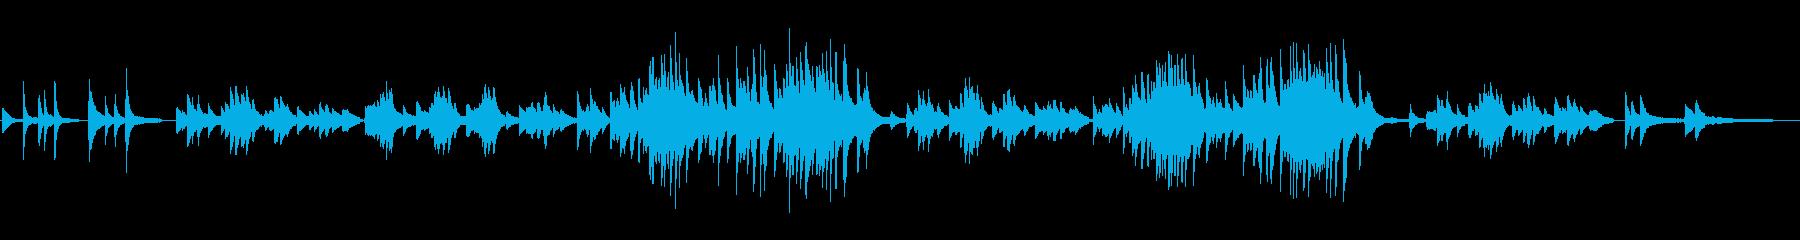 抒情小曲集より「メランコリ」の再生済みの波形